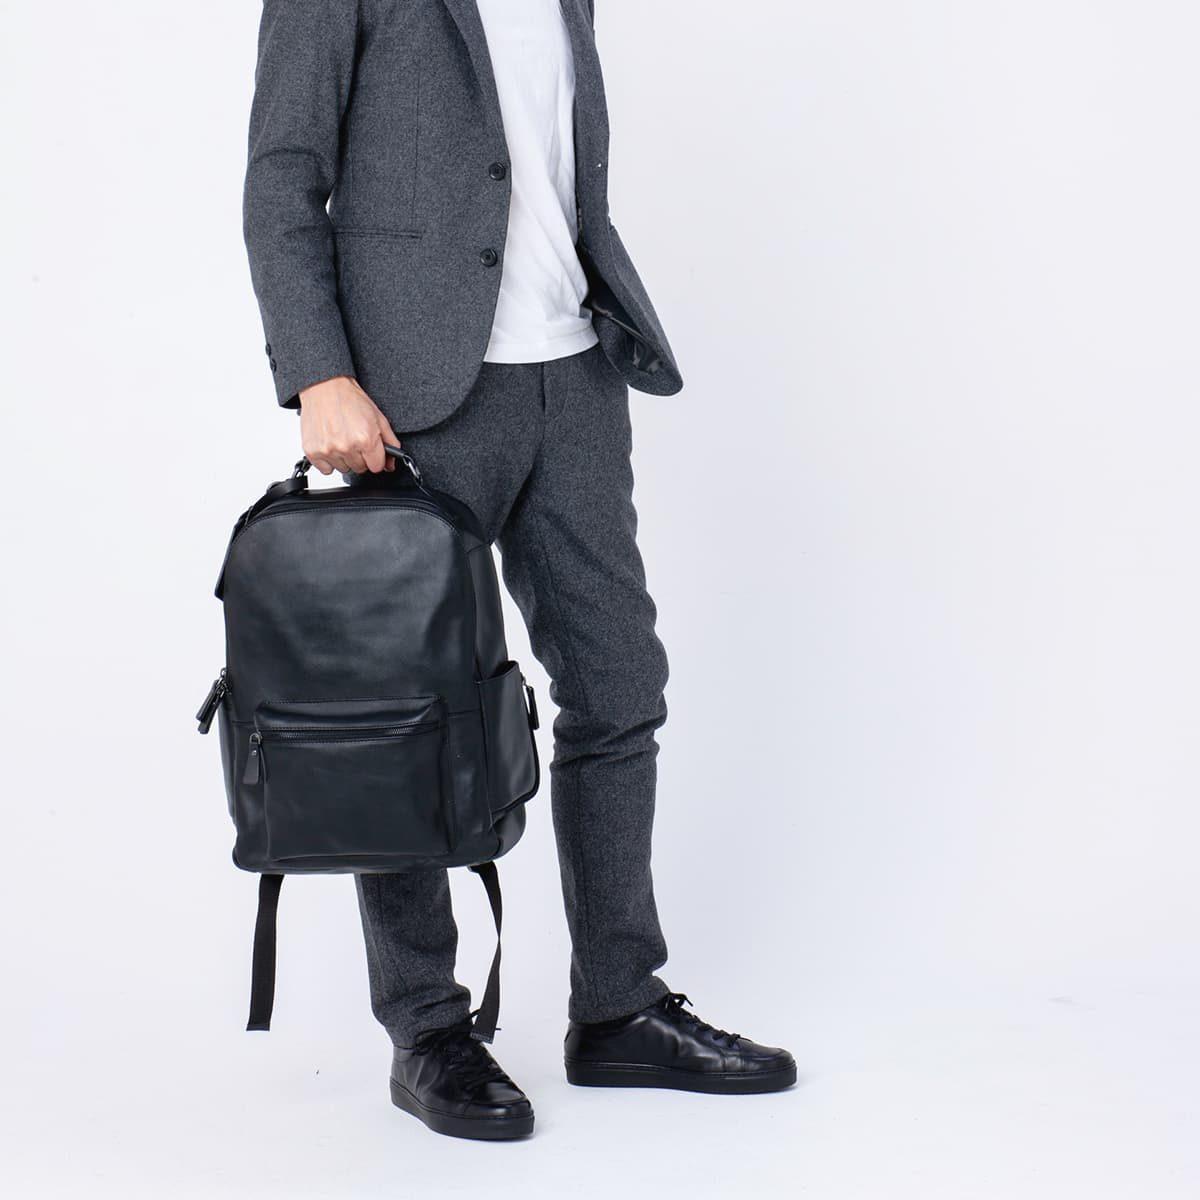 【レザー専門店】大人の品格ドレス顔スニーカー